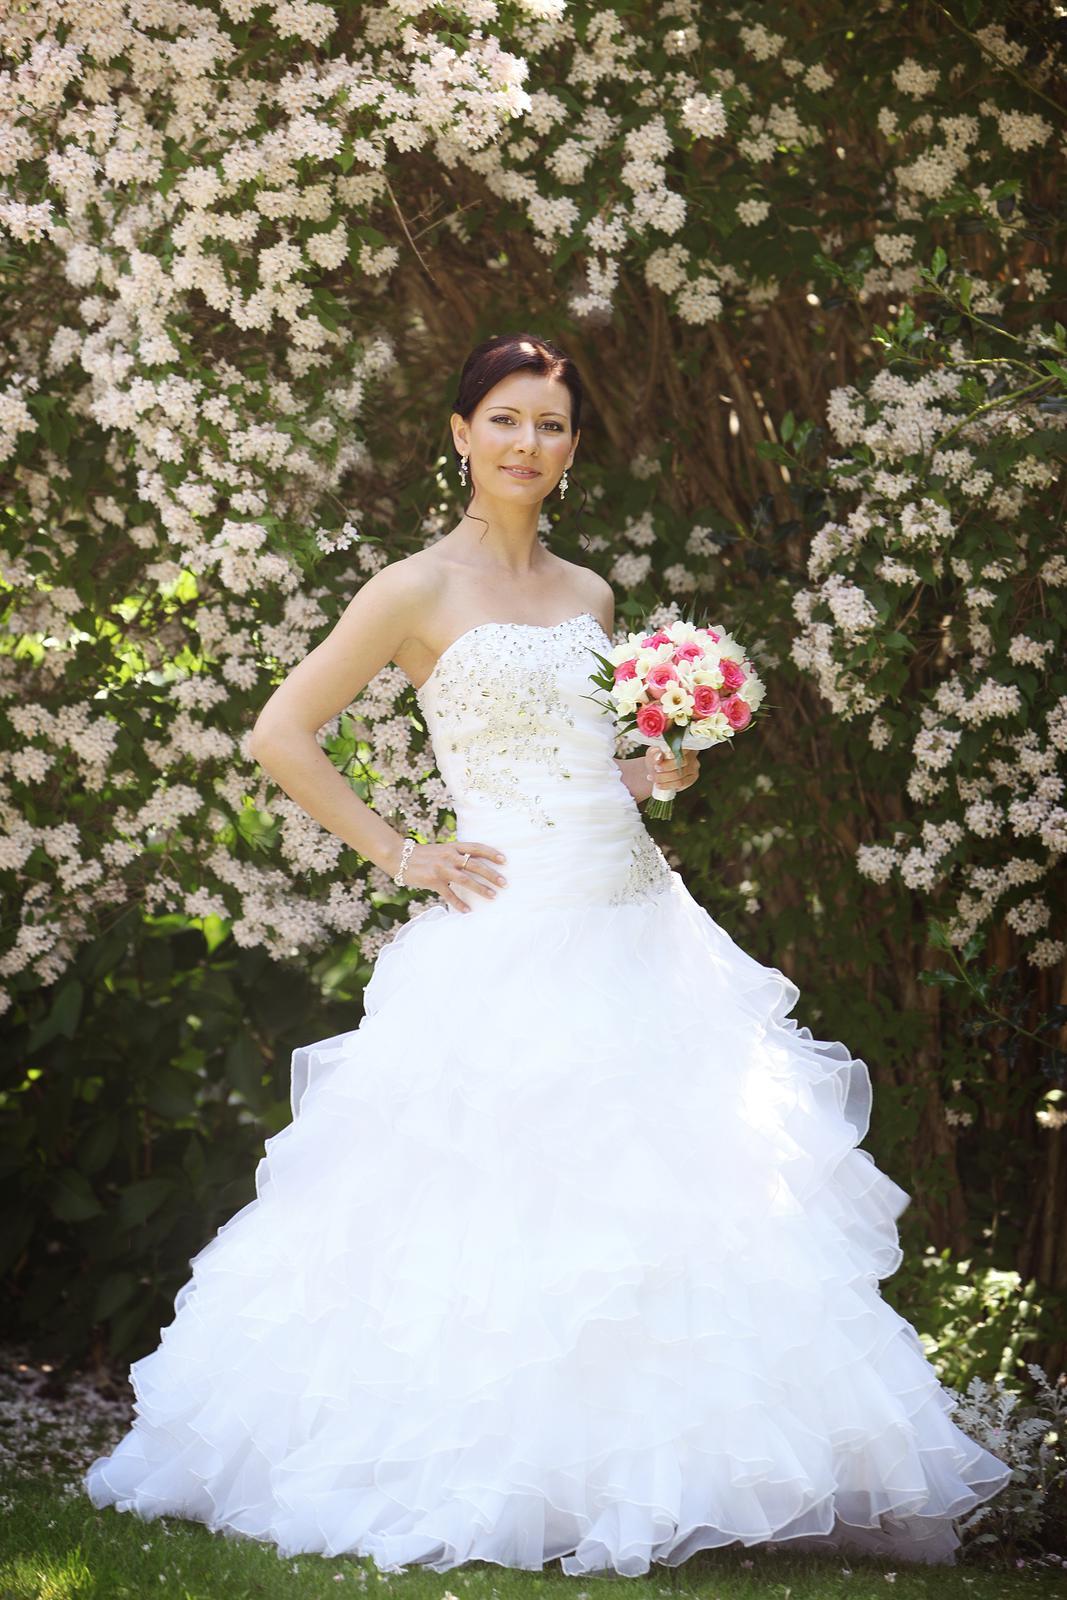 Svadobné šaty pre útle, nižšie nevesty 32-36 - Obrázok č. 1